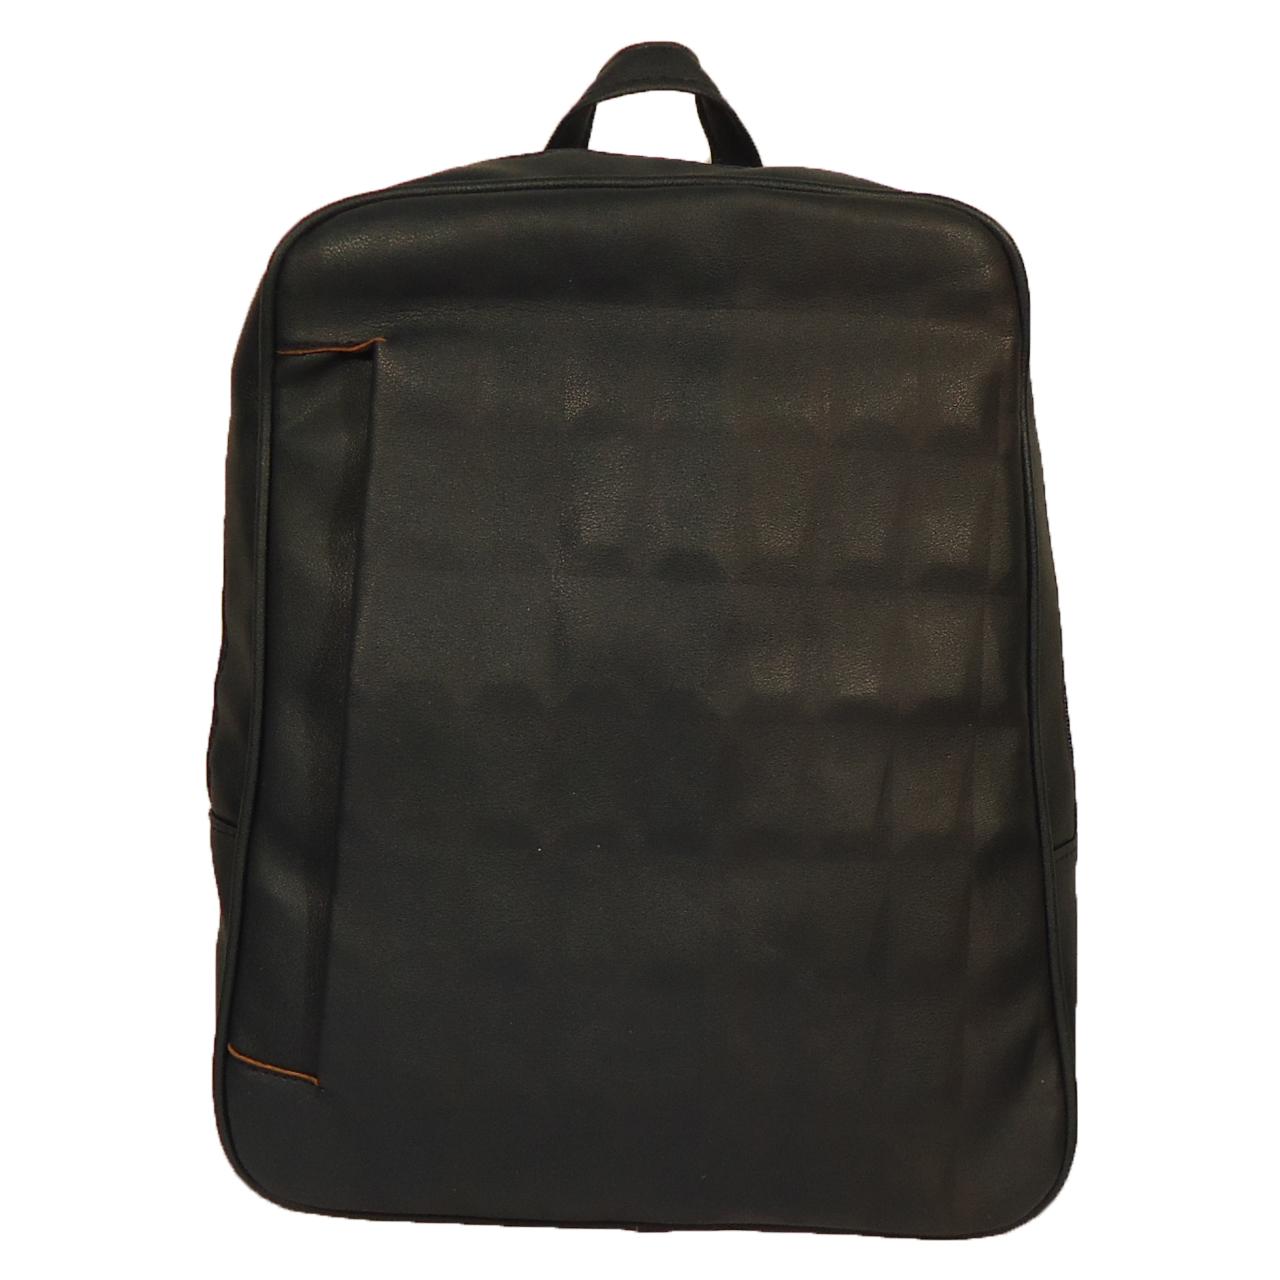 قیمت کوله پشتی زنانه مدل 12-1146